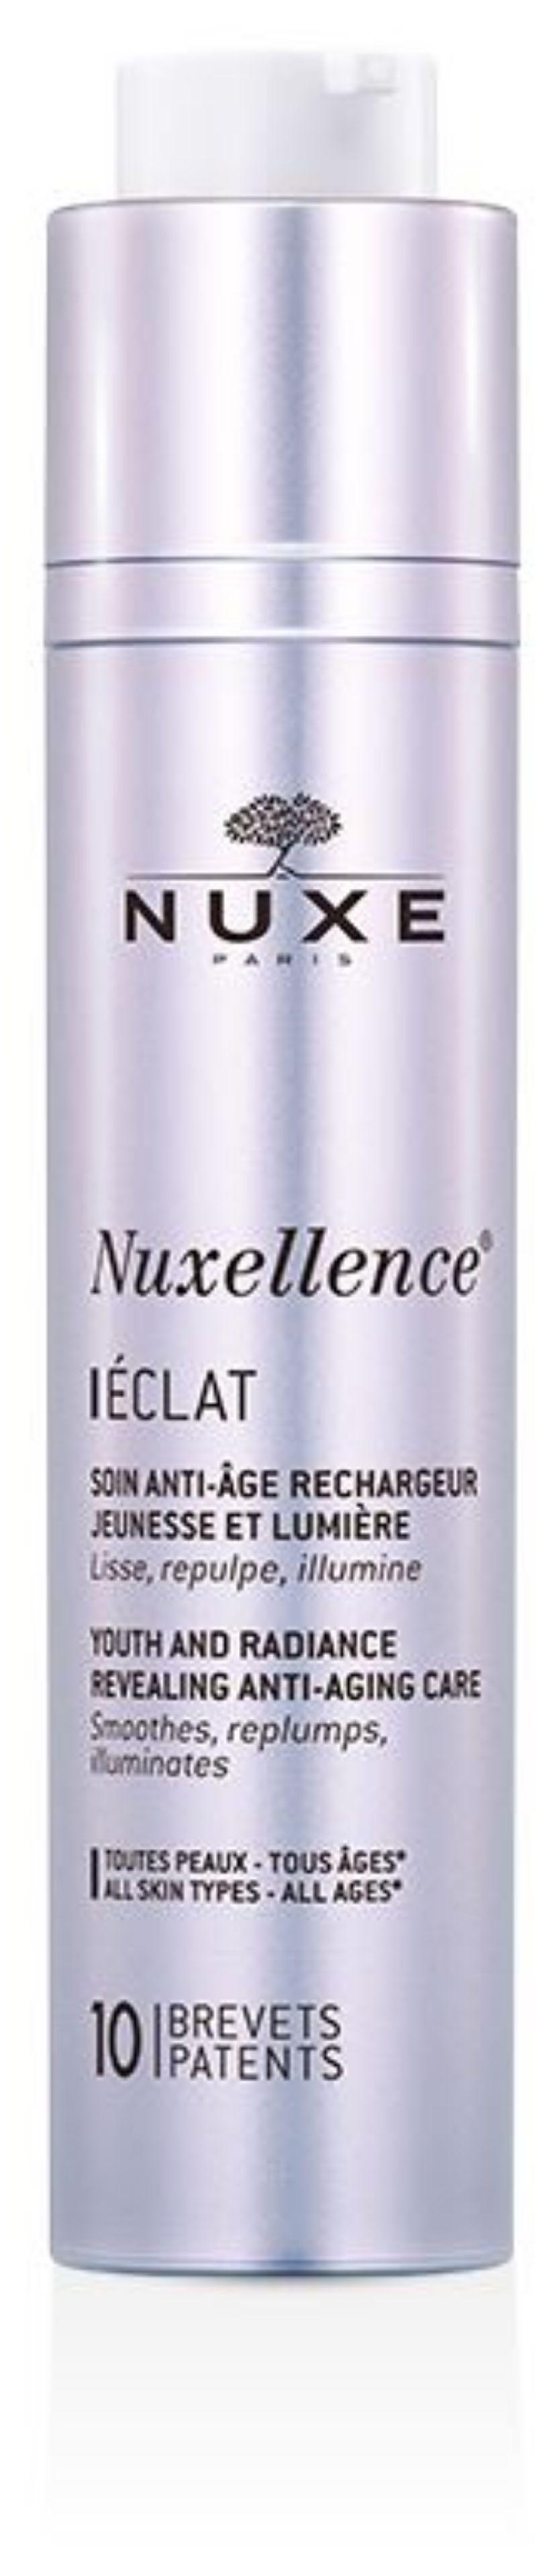 NUXE-NUXELLENCE-ECLAT-50ML